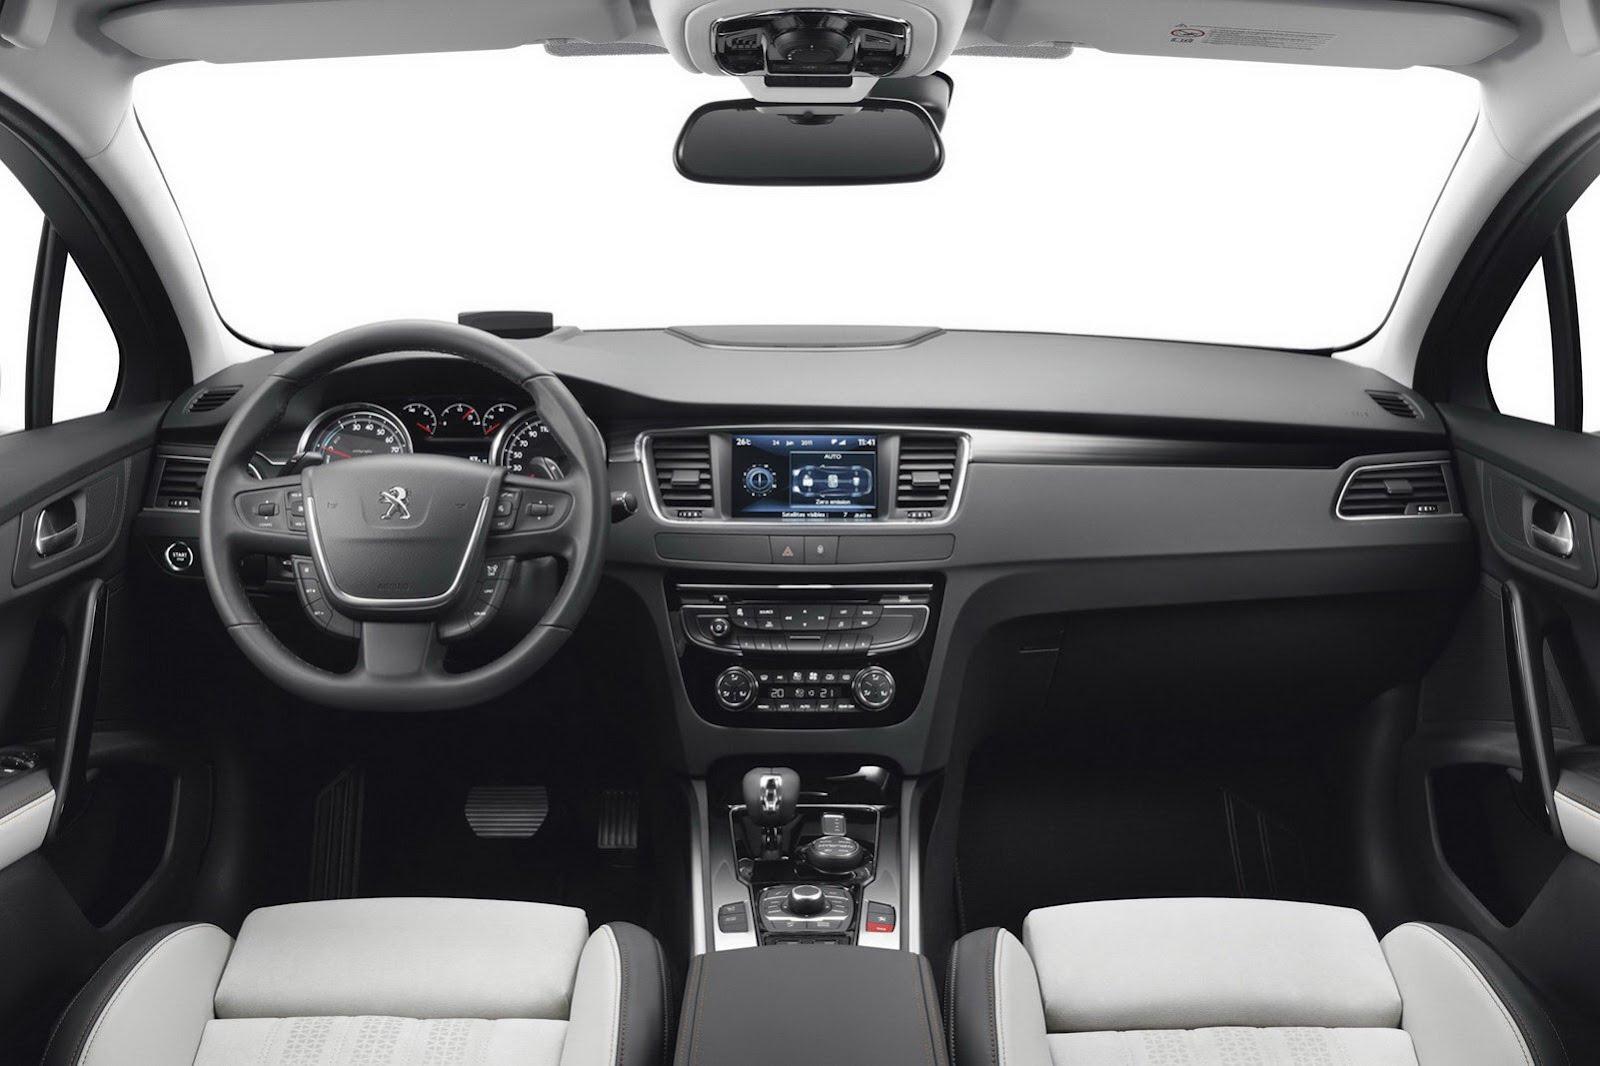 2012-Peugeot-508-Hybrid4-Full-Hybrid-Die...mgmax=1800